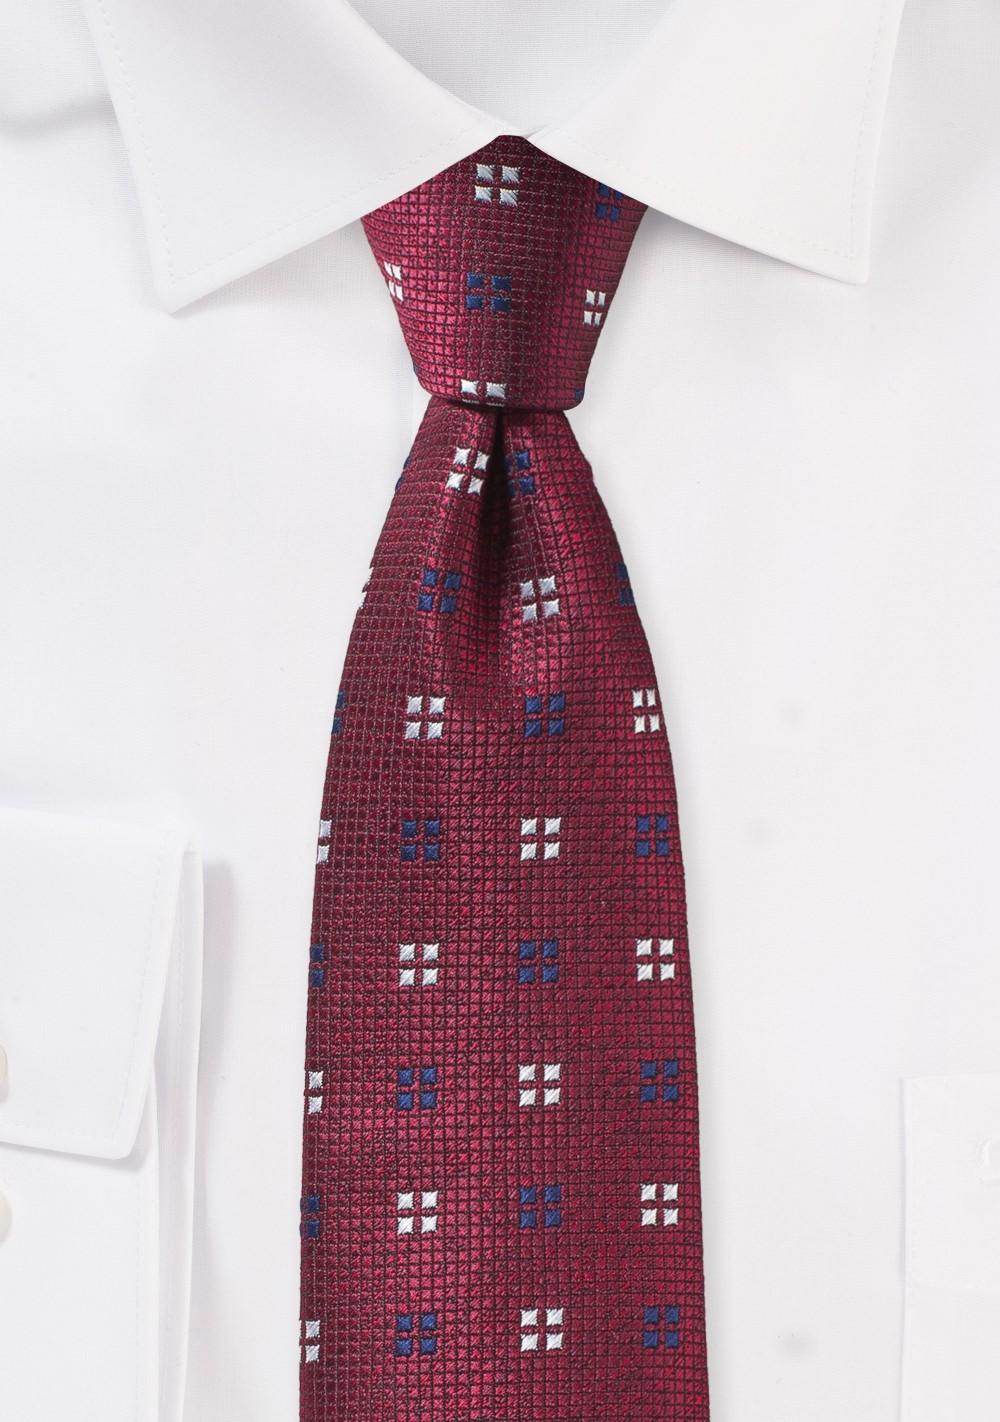 Slim Textured Autumn Tie in Dark Red